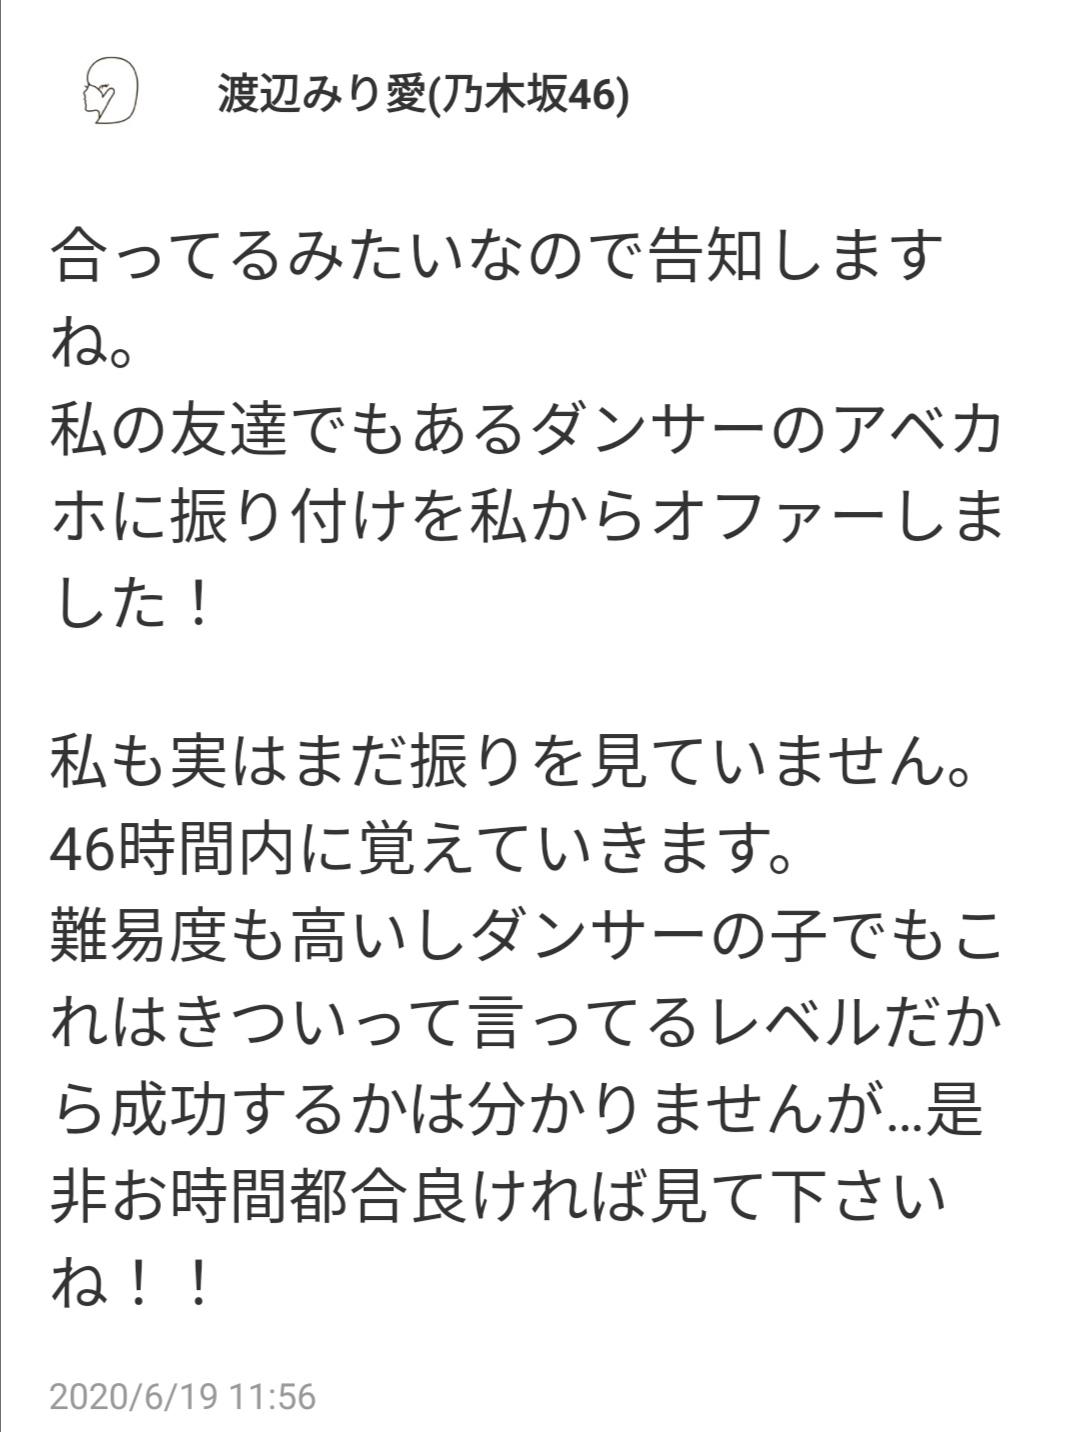 乃木坂46時間TV 渡辺みり愛 46時間ダンス完コピチャレンジ